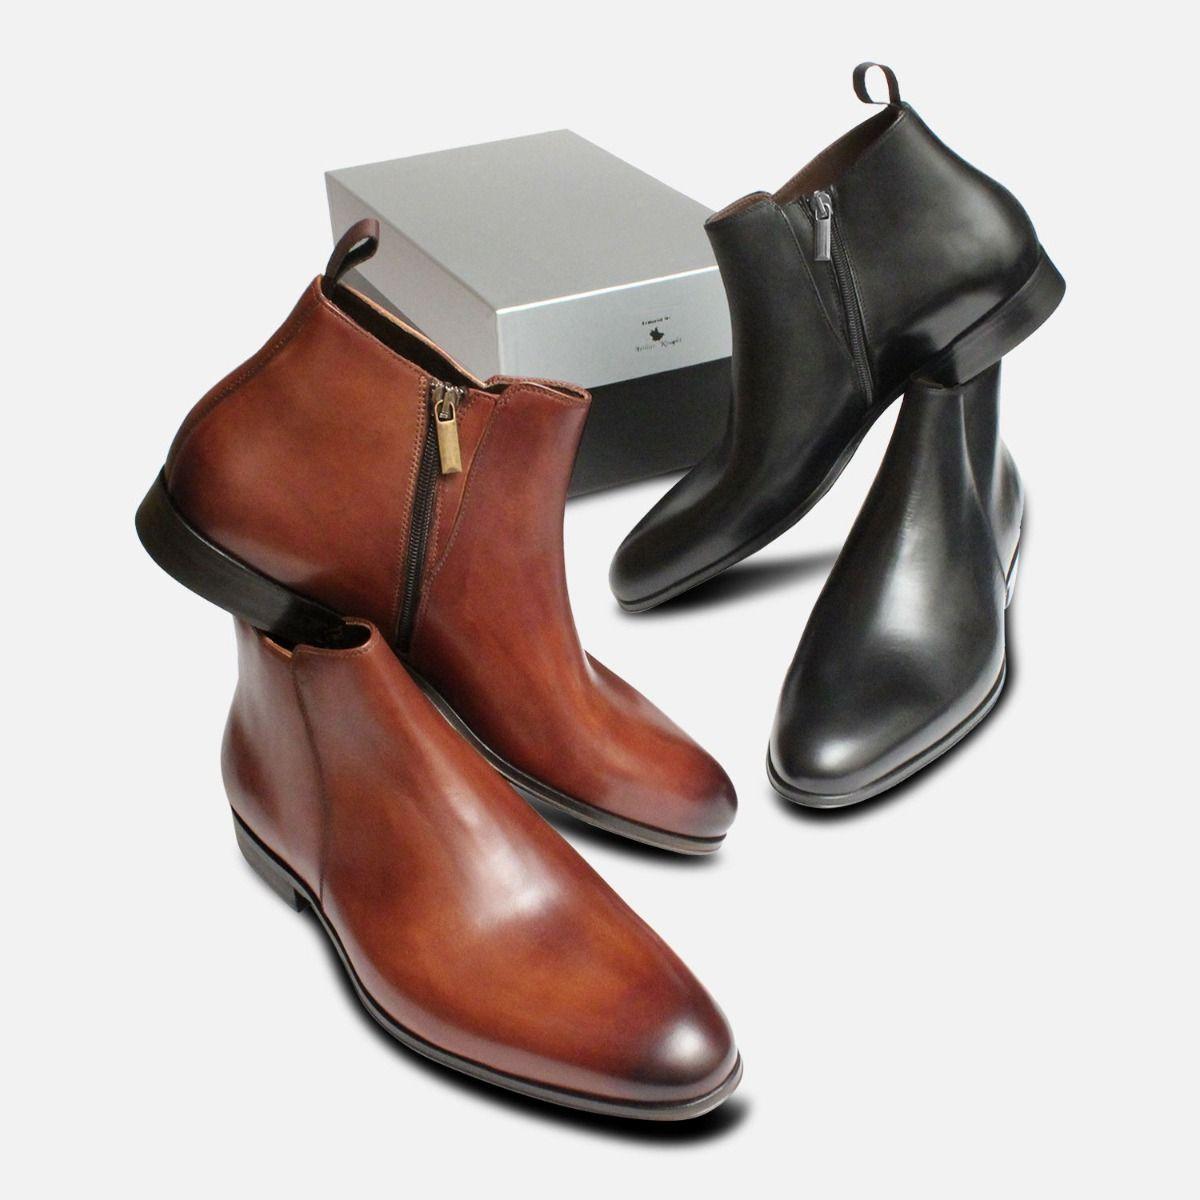 Mahogany Brown Zip Boots by Arthur Knight Italy